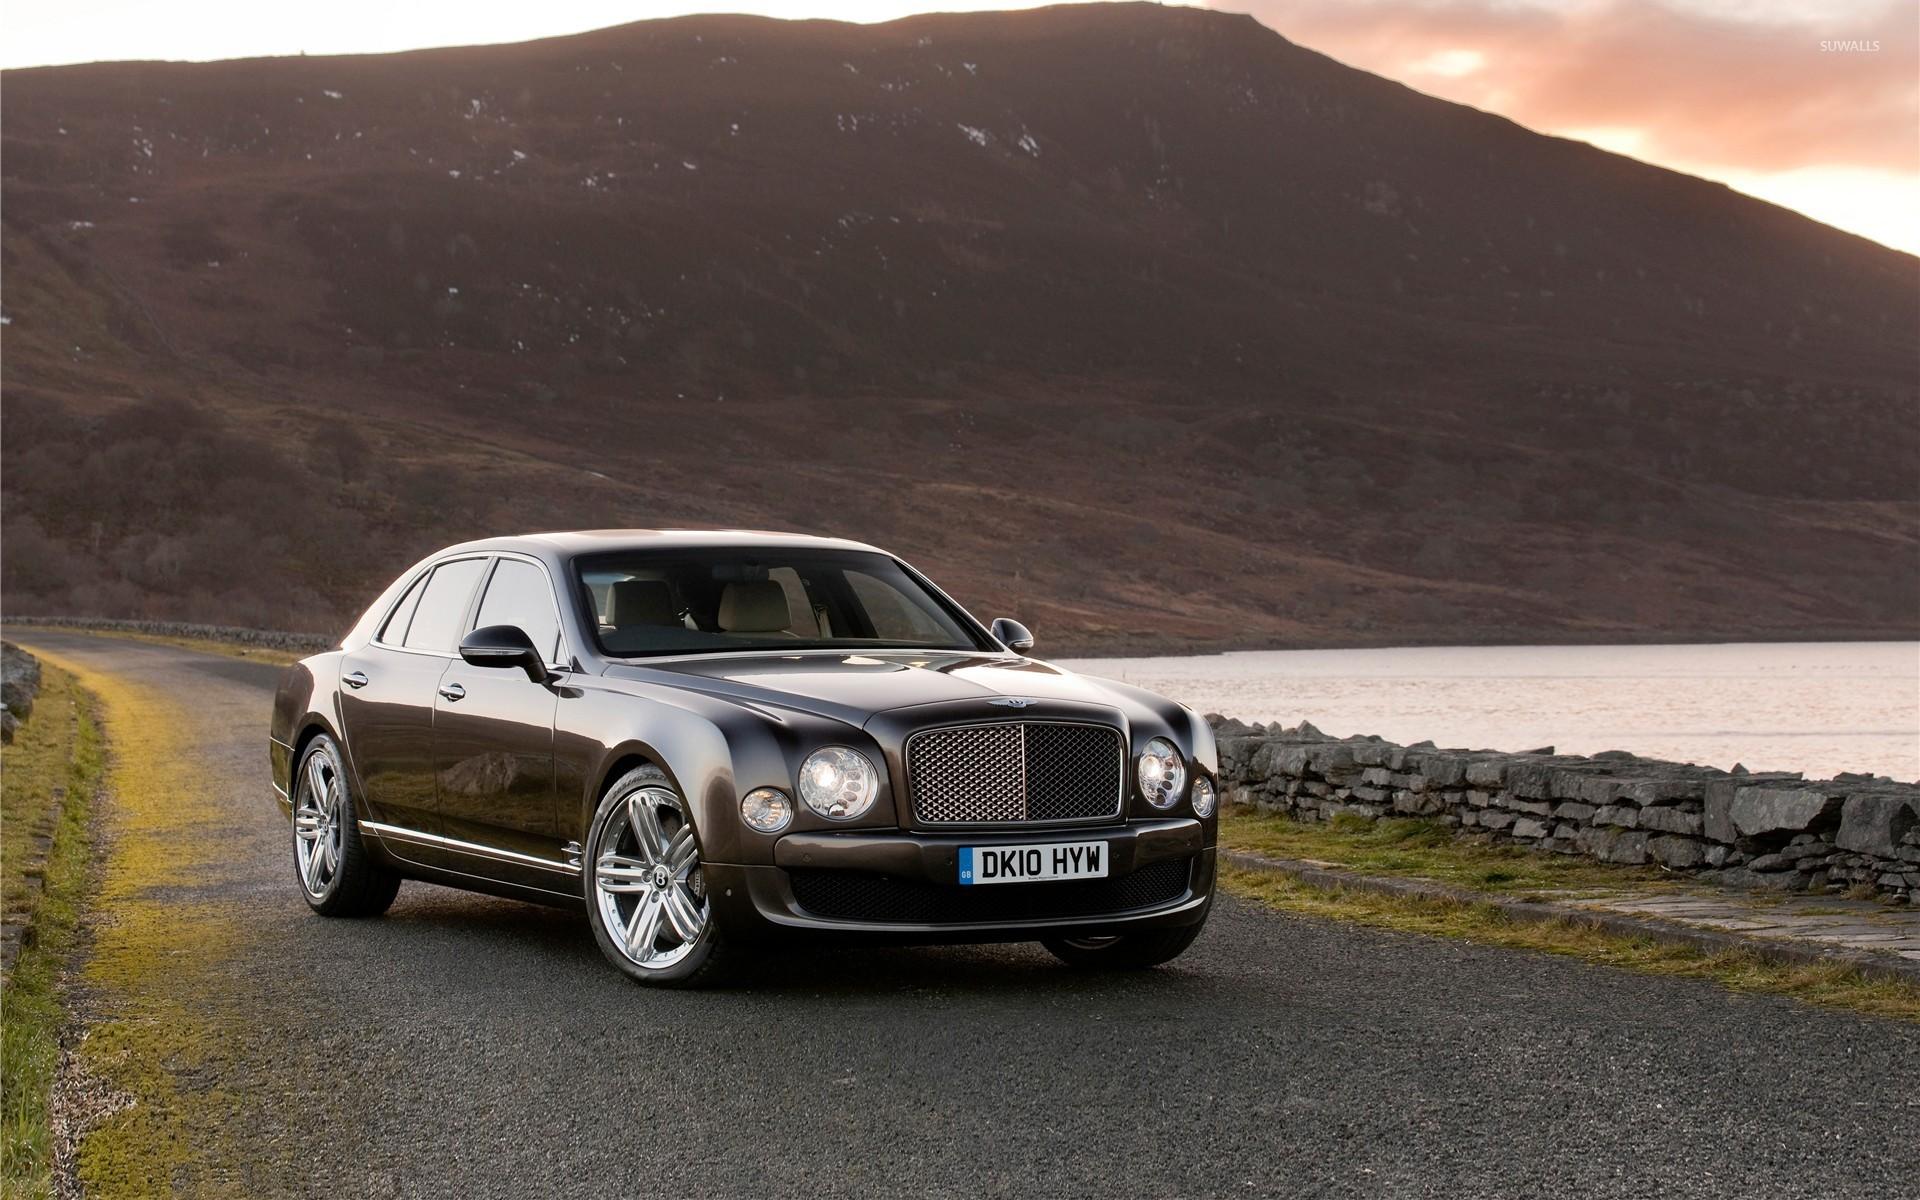 Bentley Mulsanne wallpaper - Car